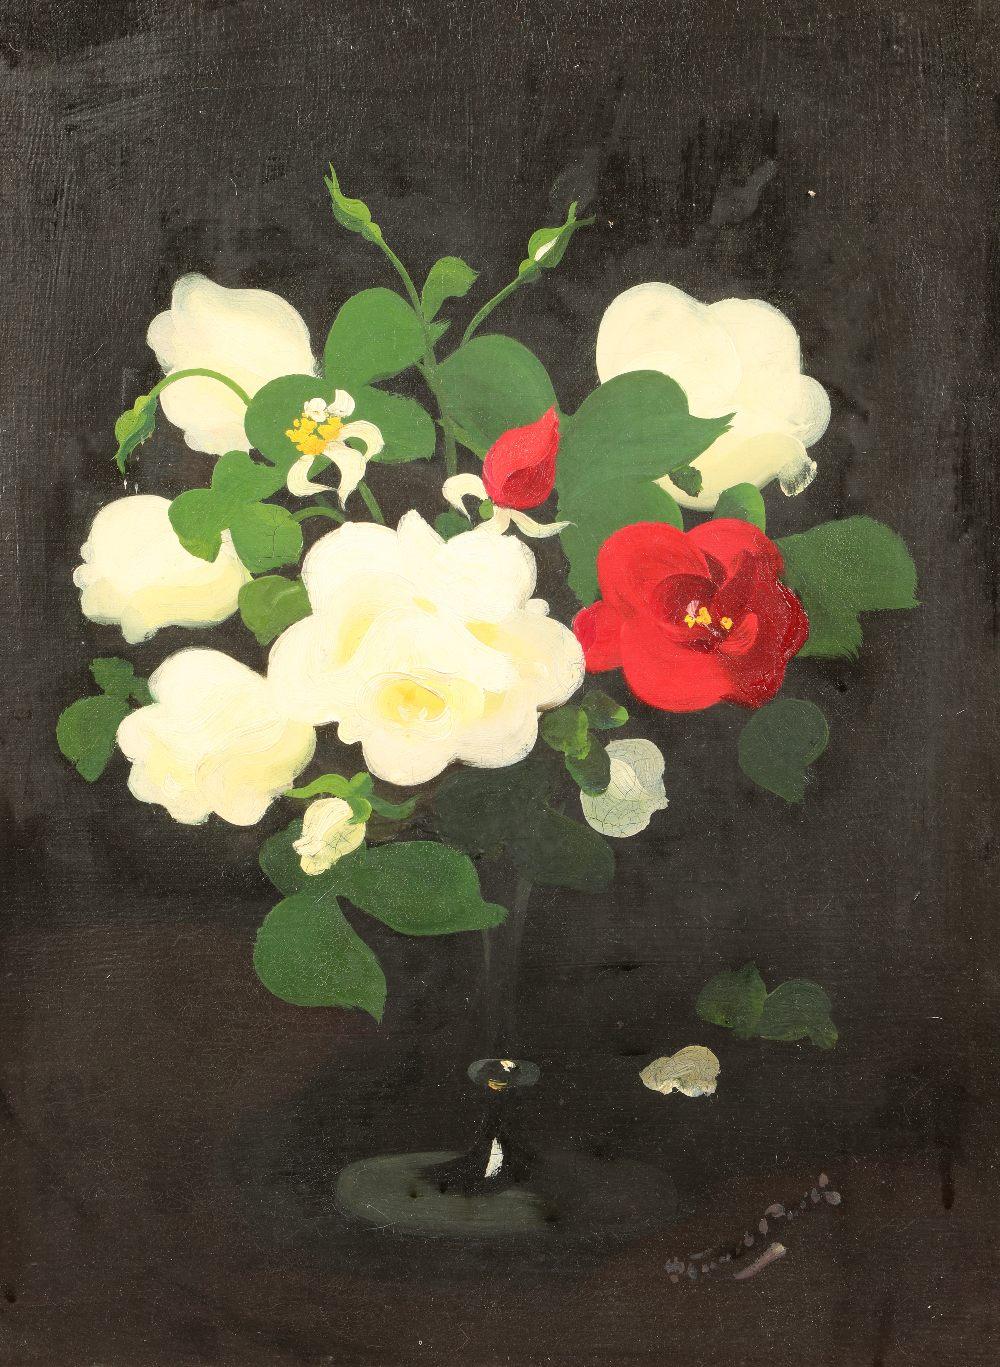 James Stuart Park (Scottish 1862-1933) Framed oil on canvas, signed 'White and Red Roses' 49cm x